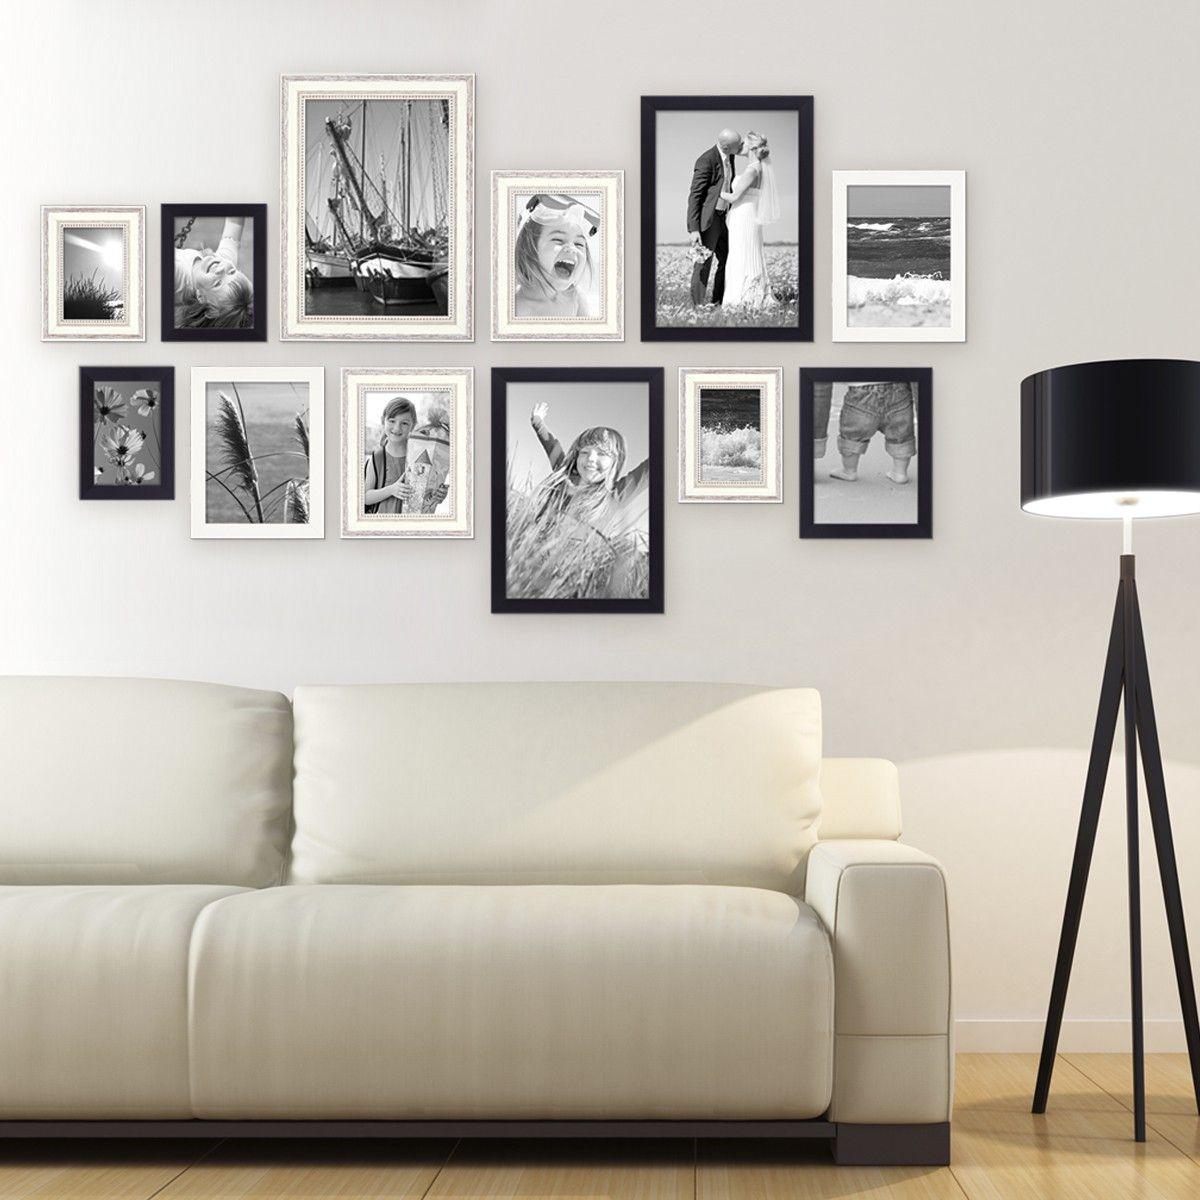 12er set bilderrahmen f r grosse bilderwand modern shabby. Black Bedroom Furniture Sets. Home Design Ideas